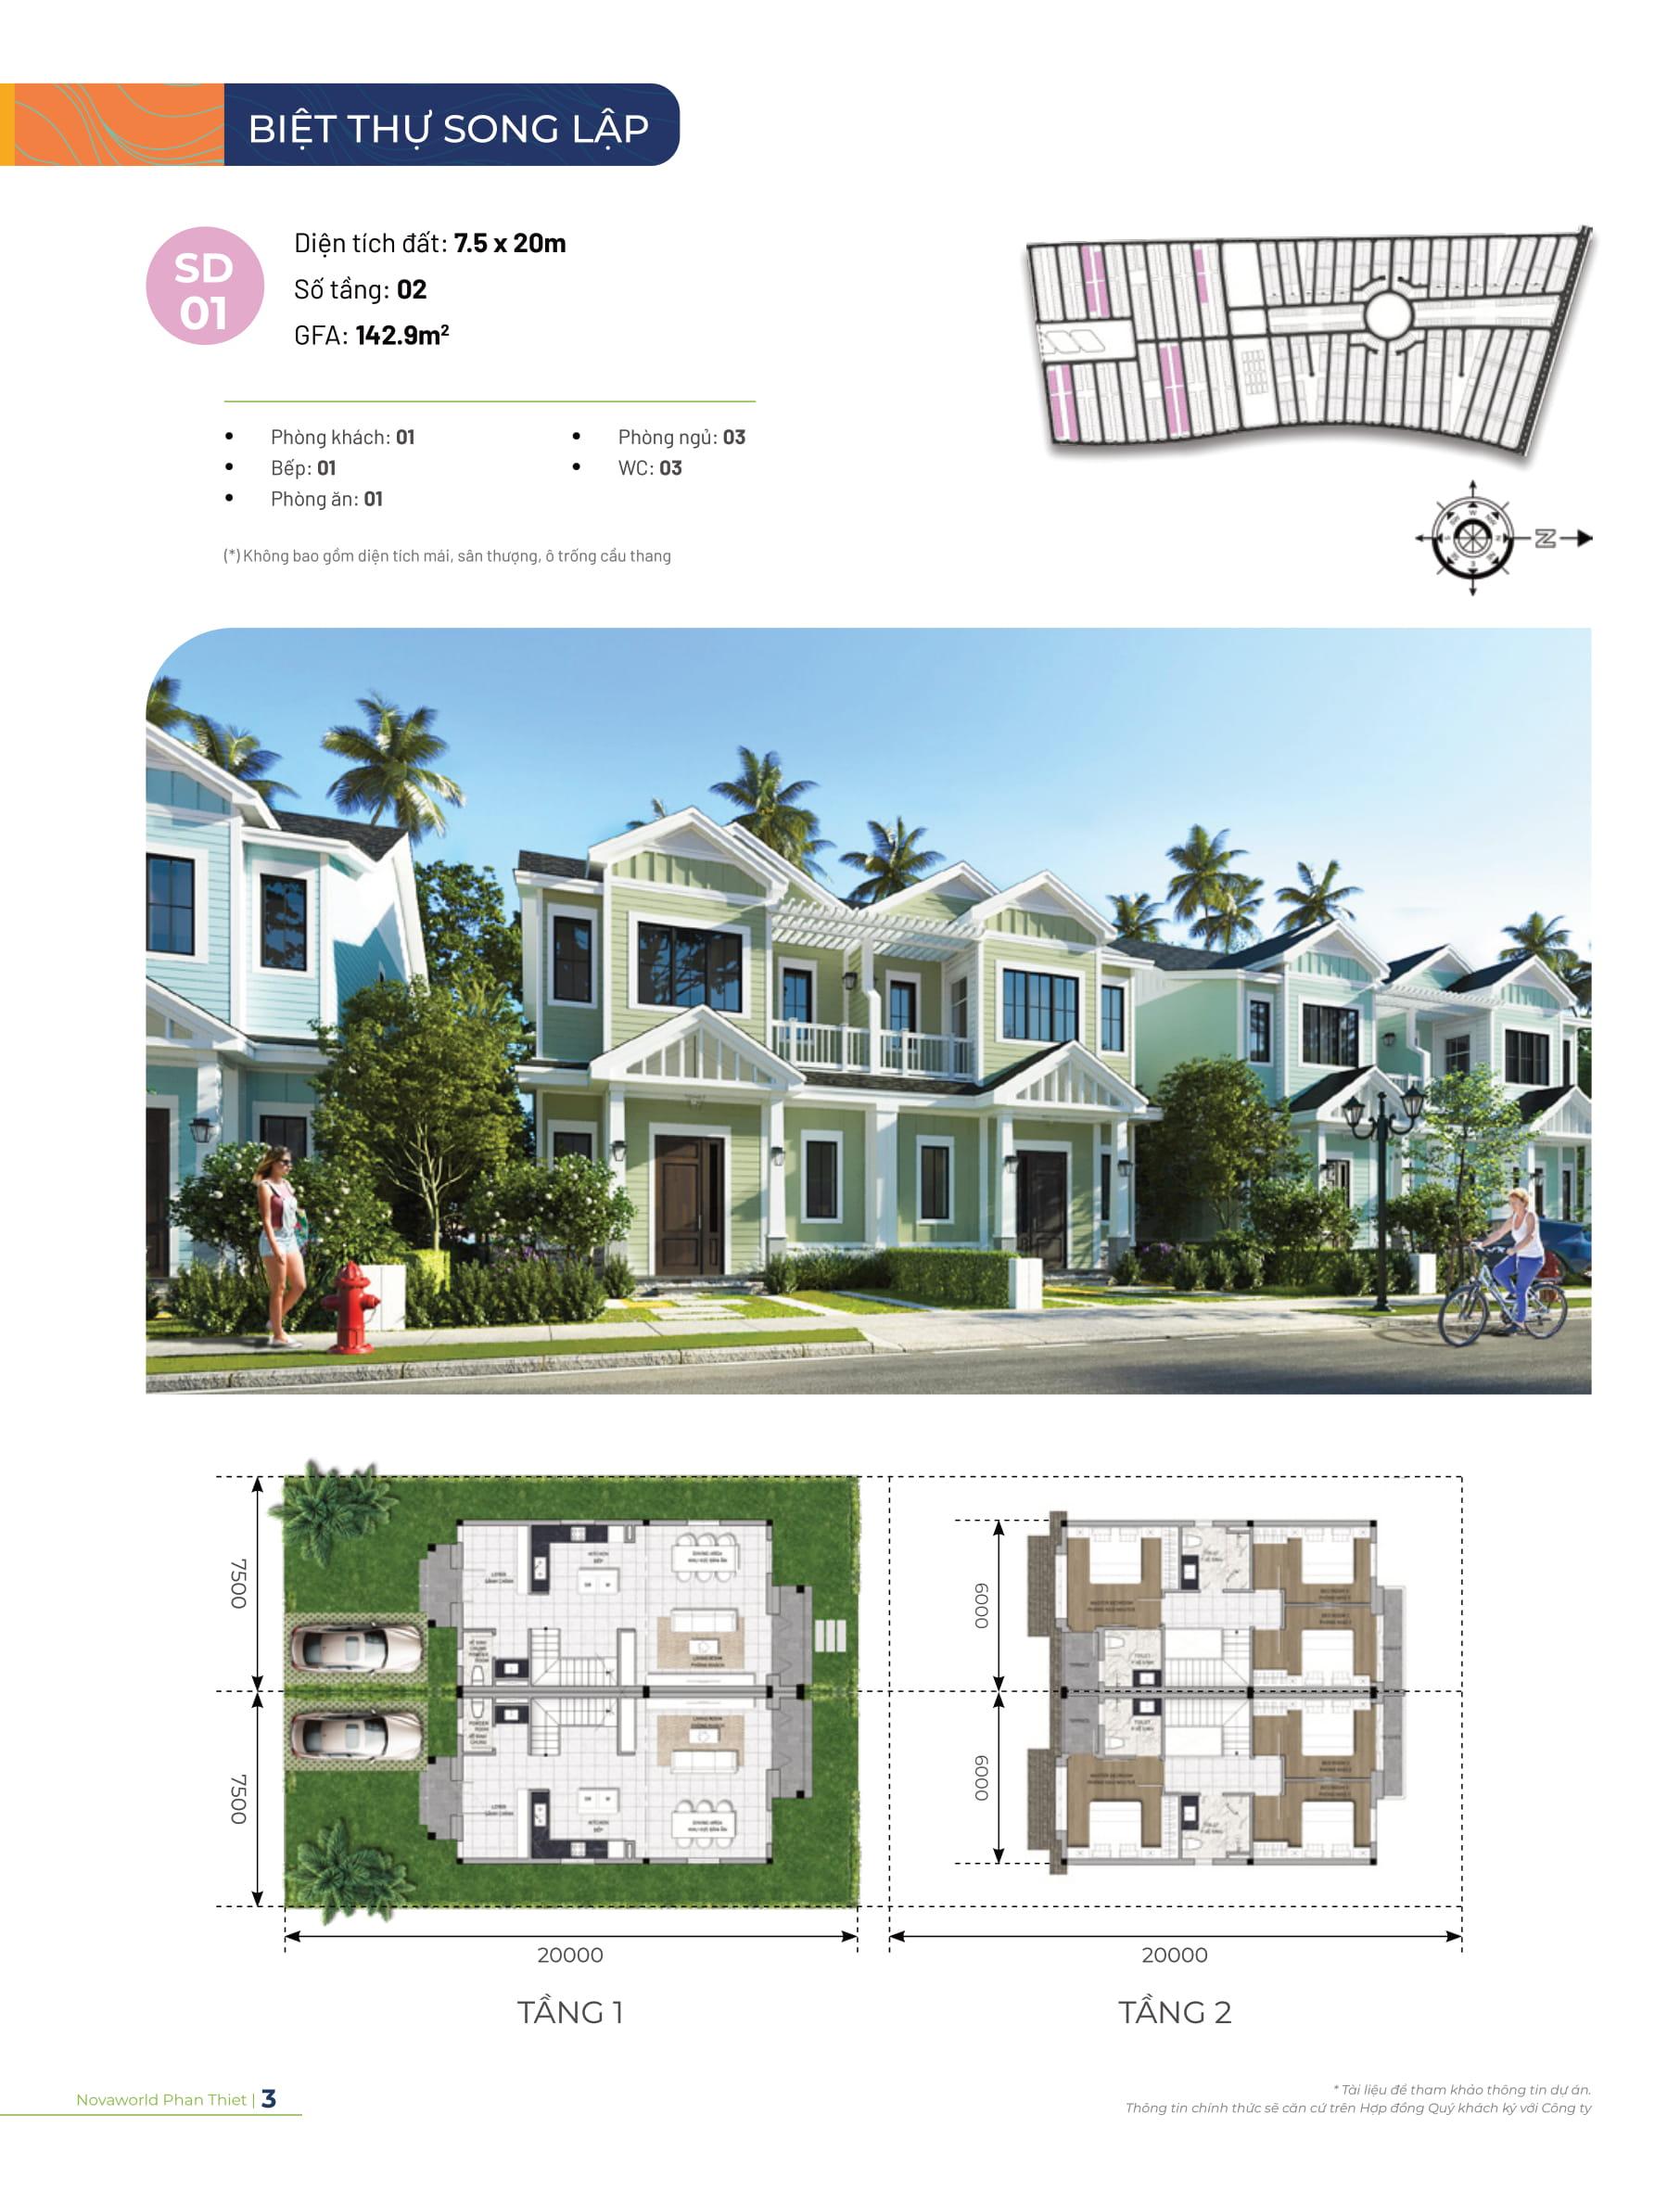 mb-nwp-plans-4b-210820-02